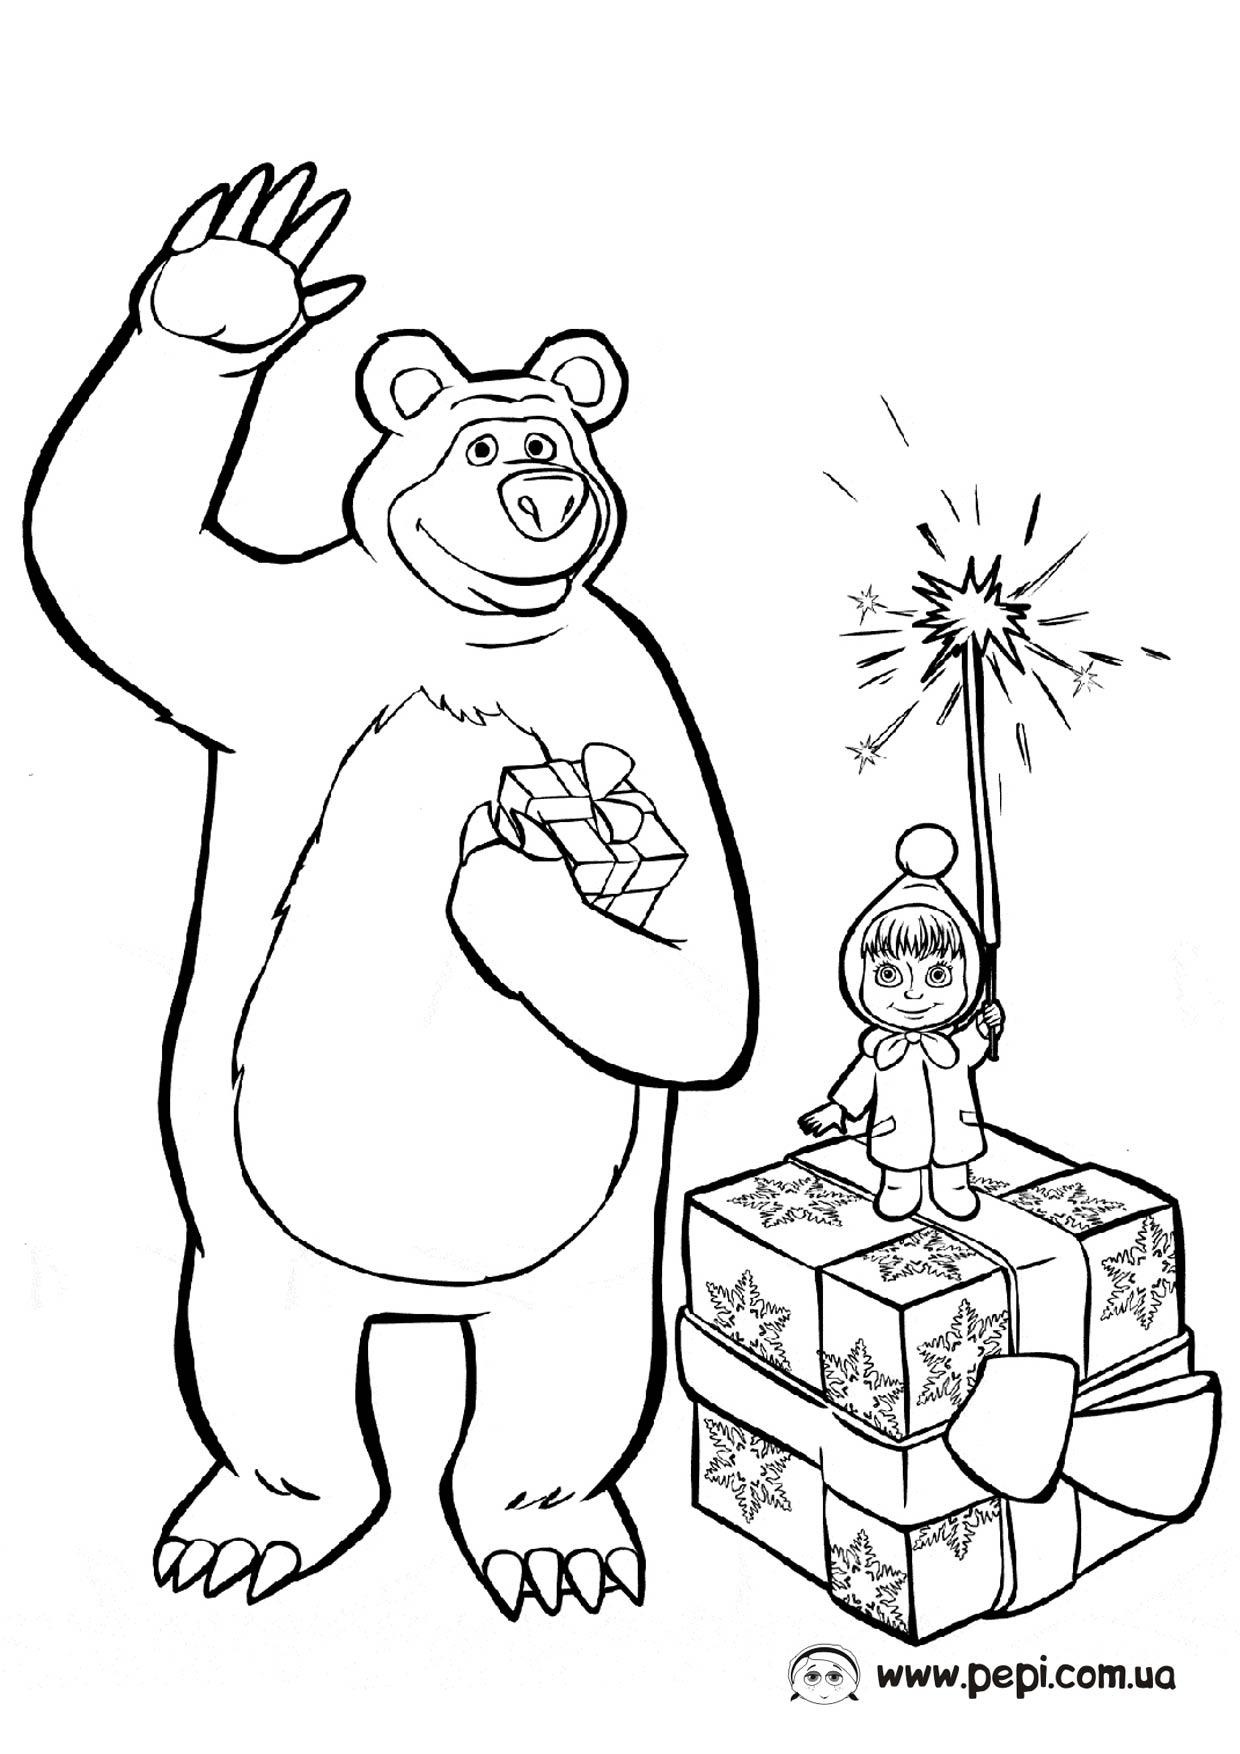 Картинки маша и медведи раскраска